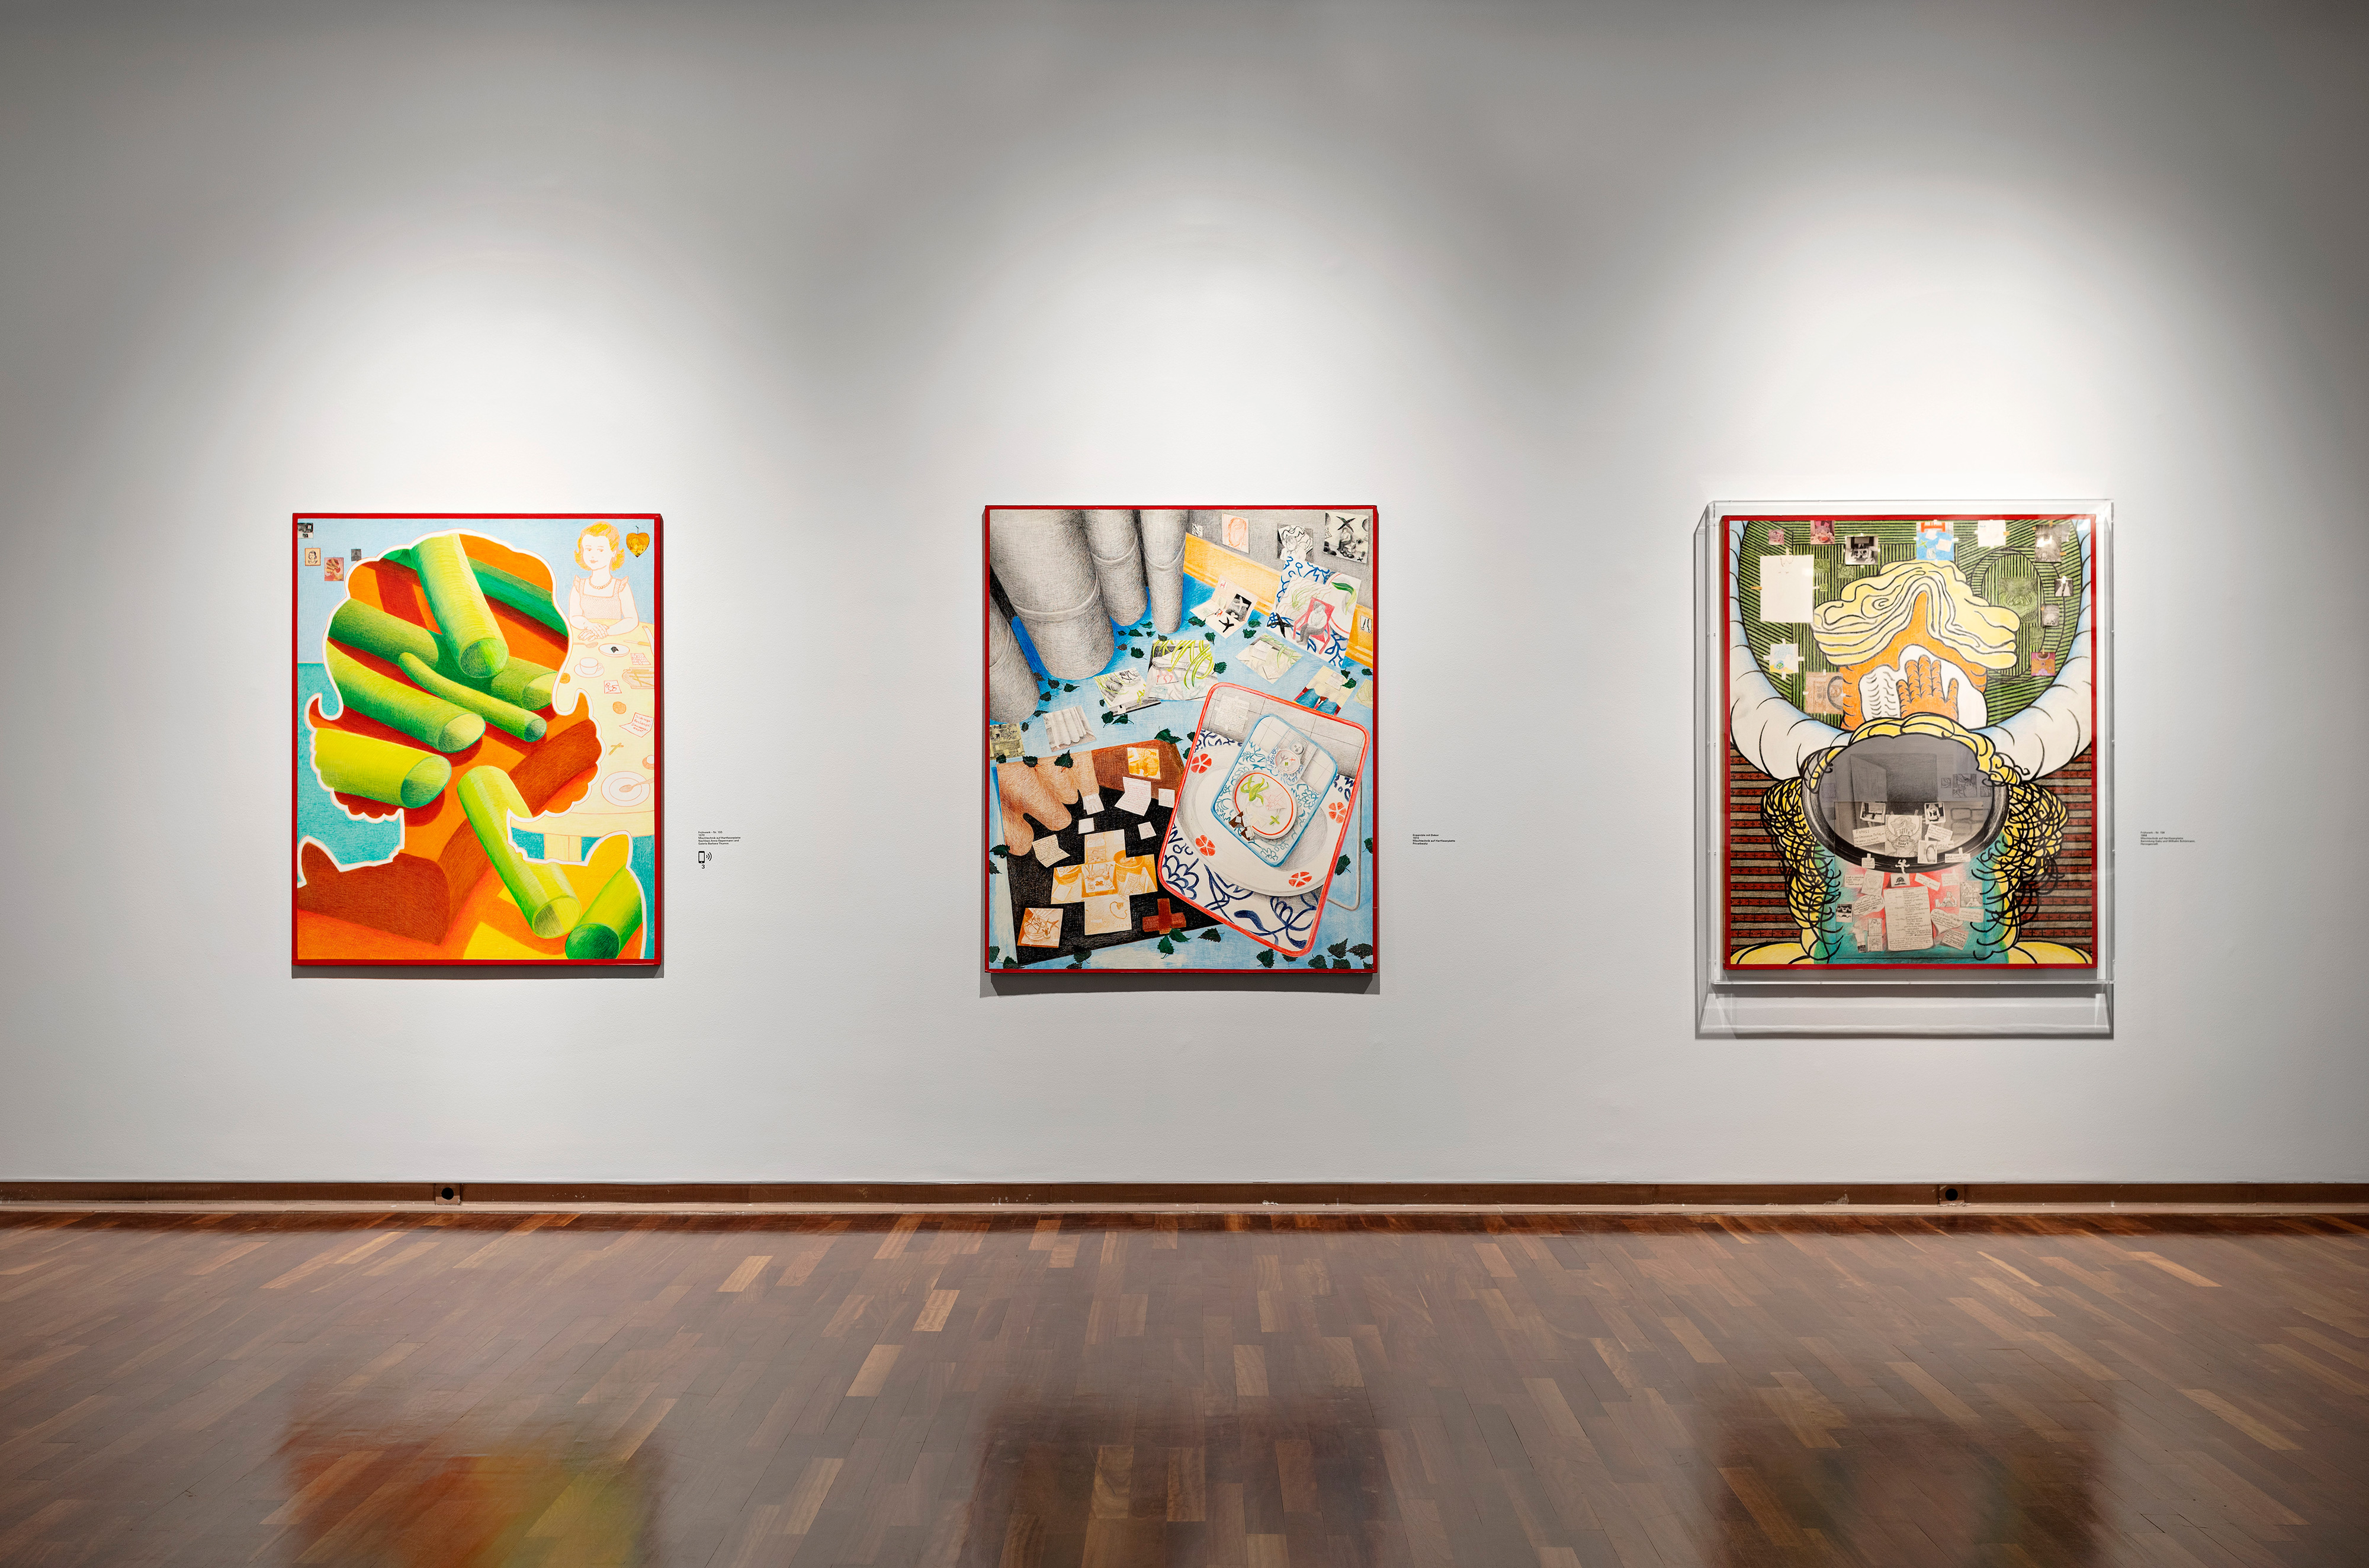 Galerie Barbara Thumm \ Anna Oppermann – Künstler sein